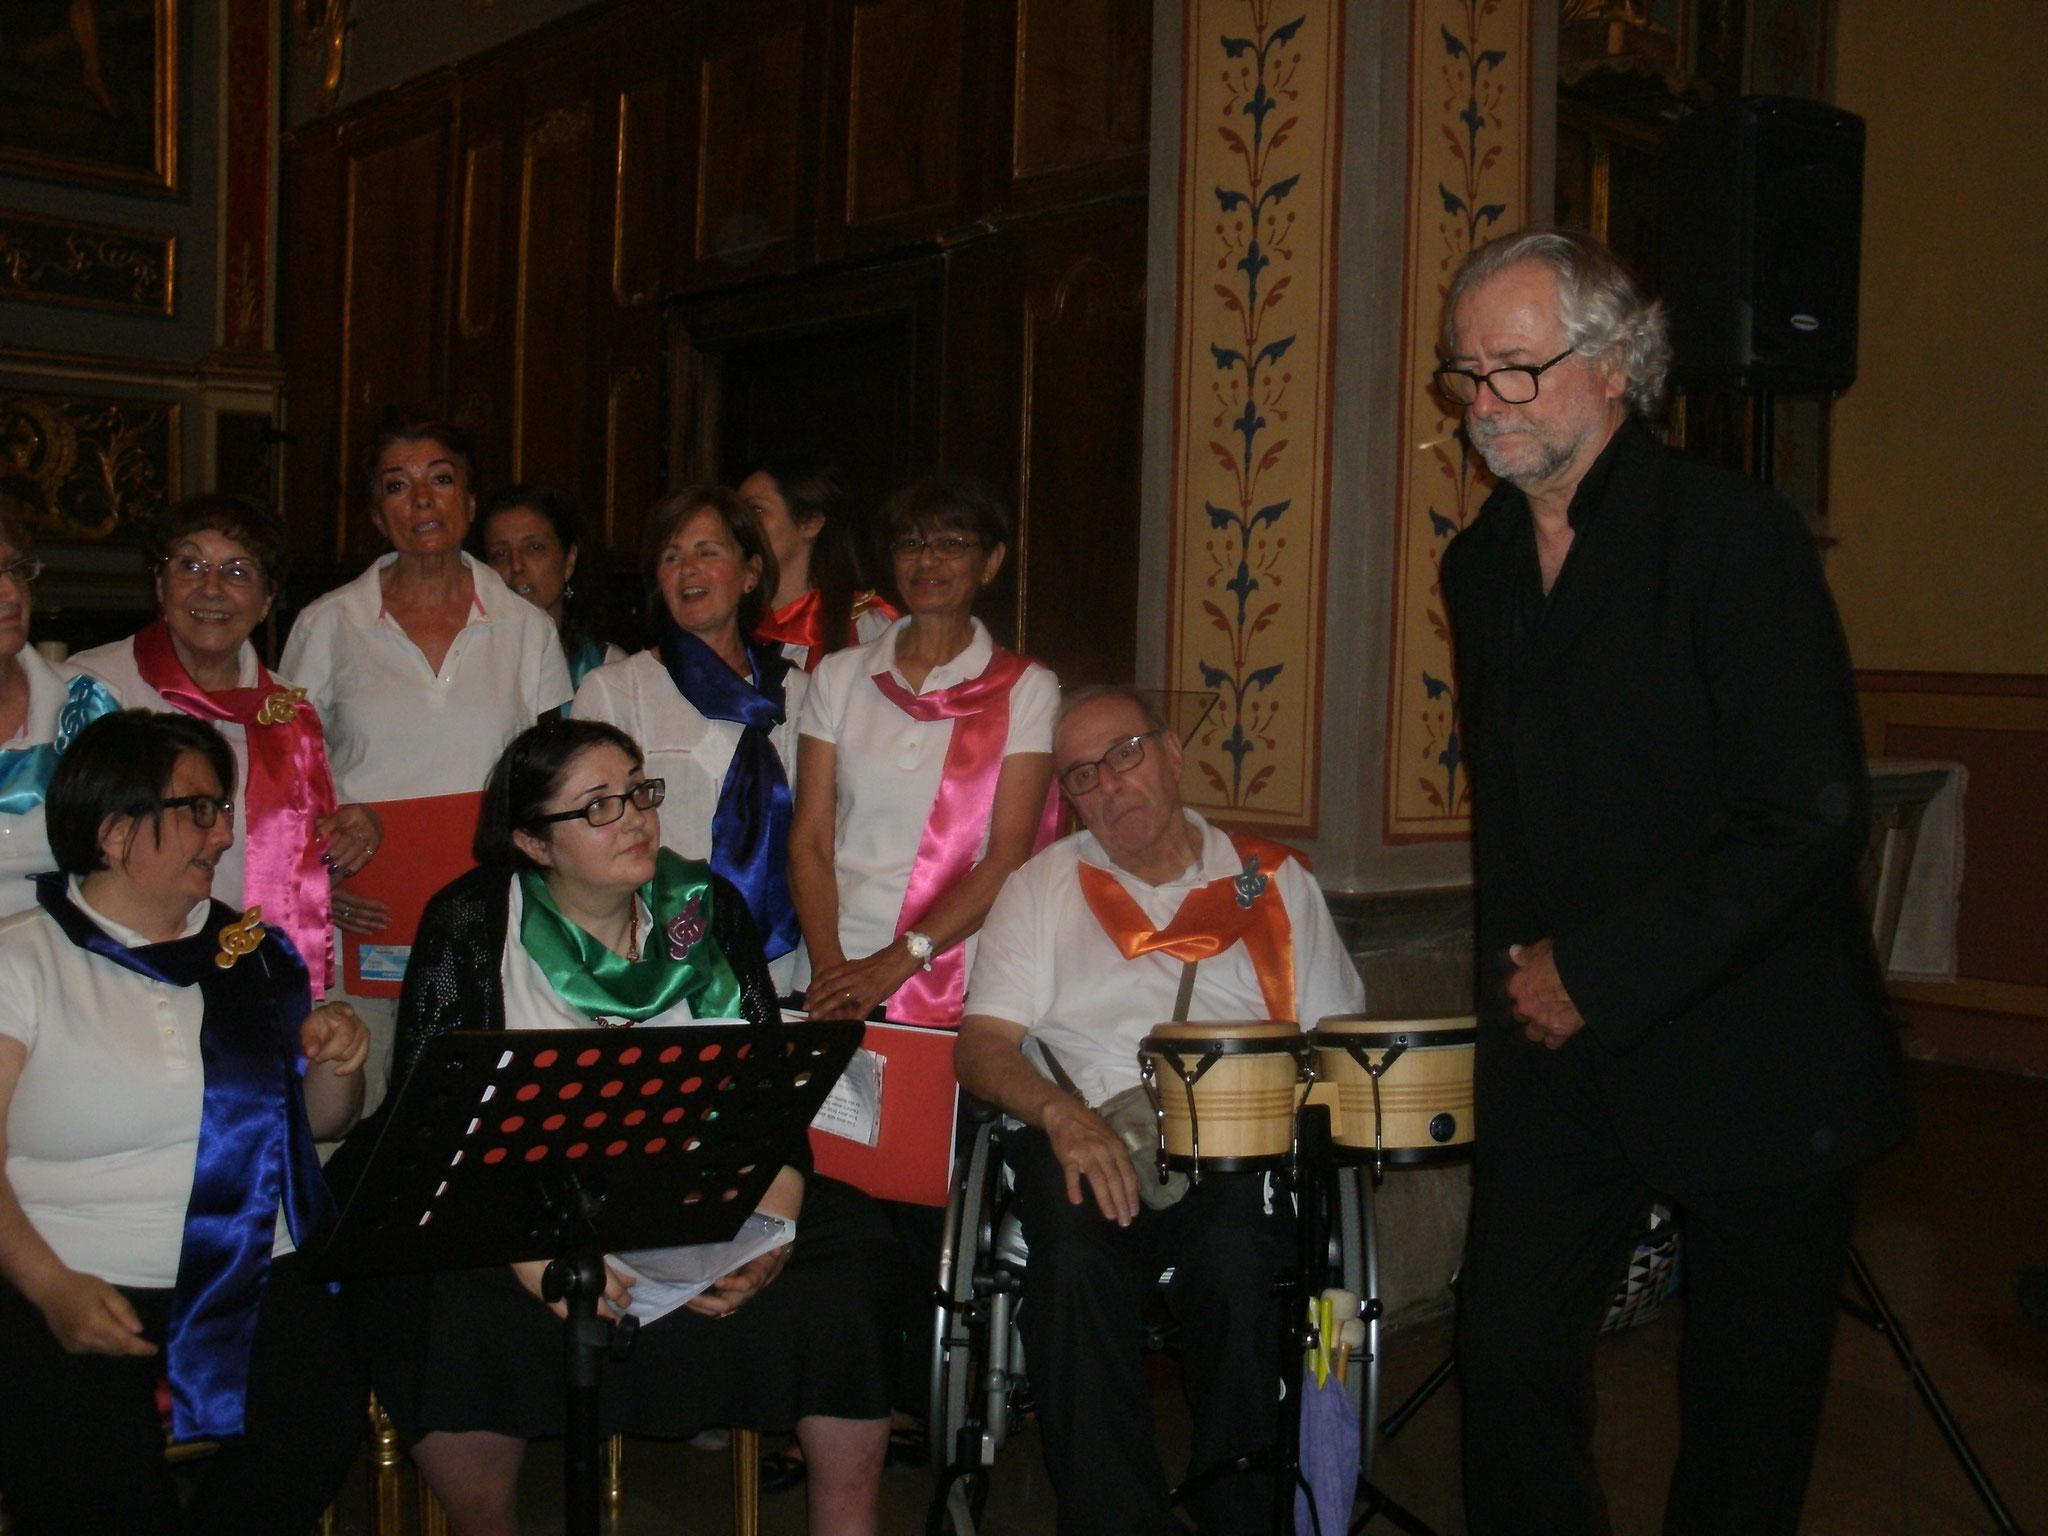 Nous sommes invités par la Chorale Barba'chante